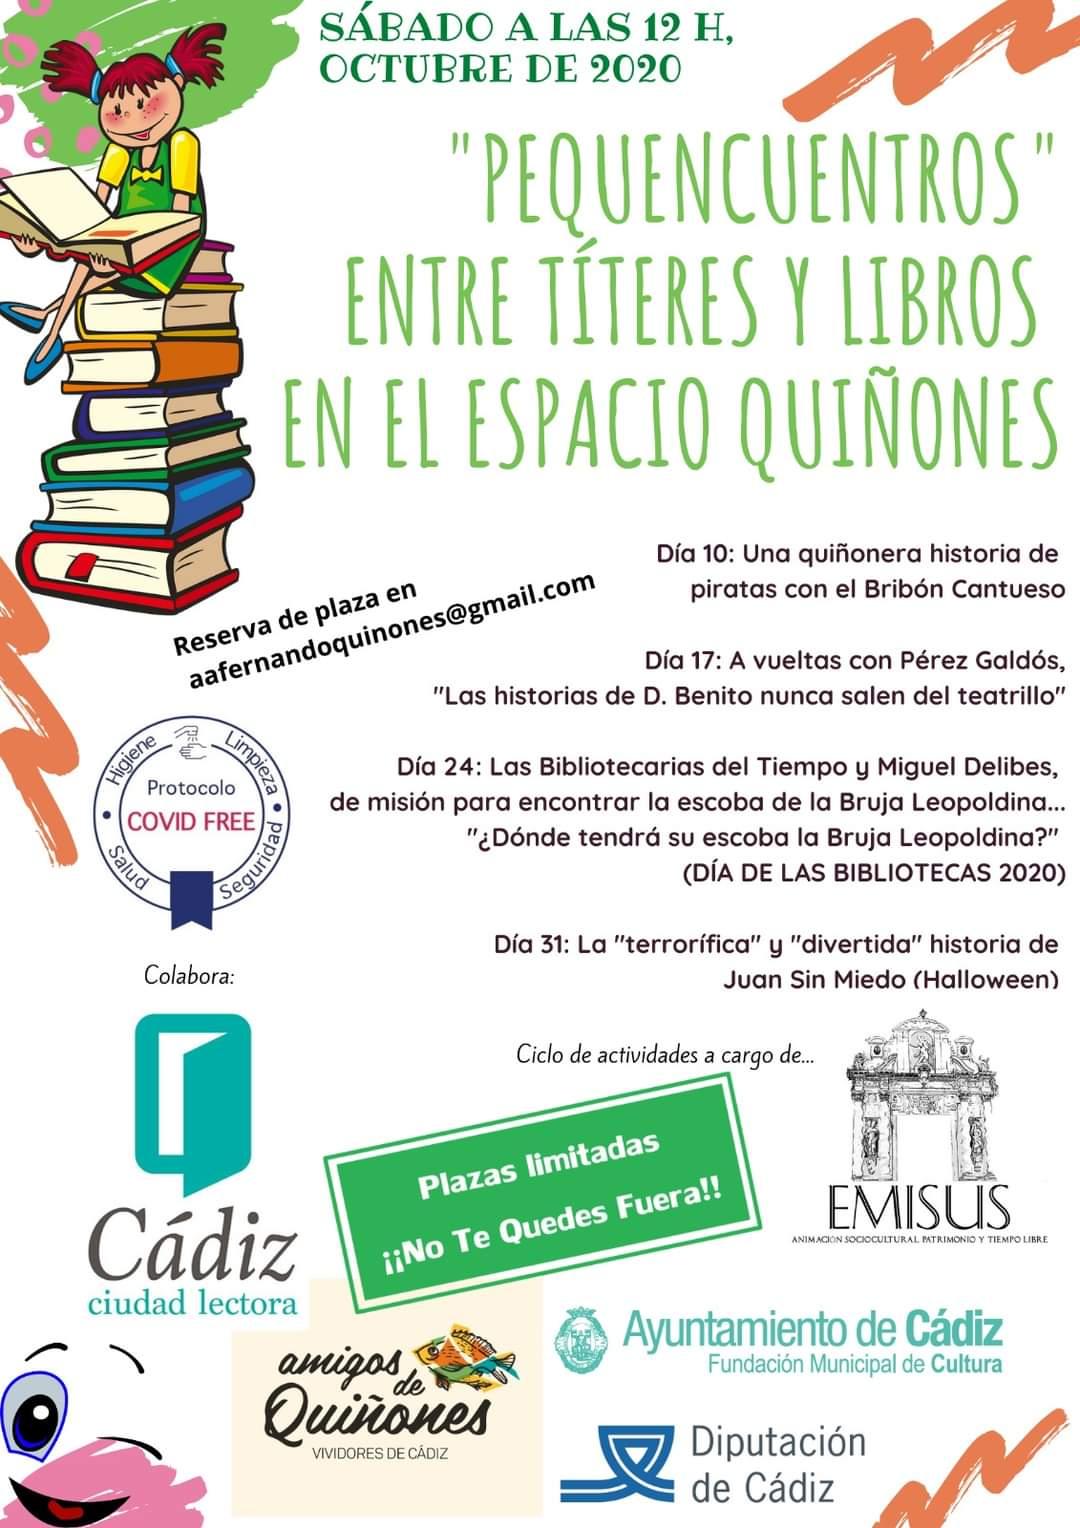 pequencuentros en el esapacio Quiñones Cádiz Octubre 2020